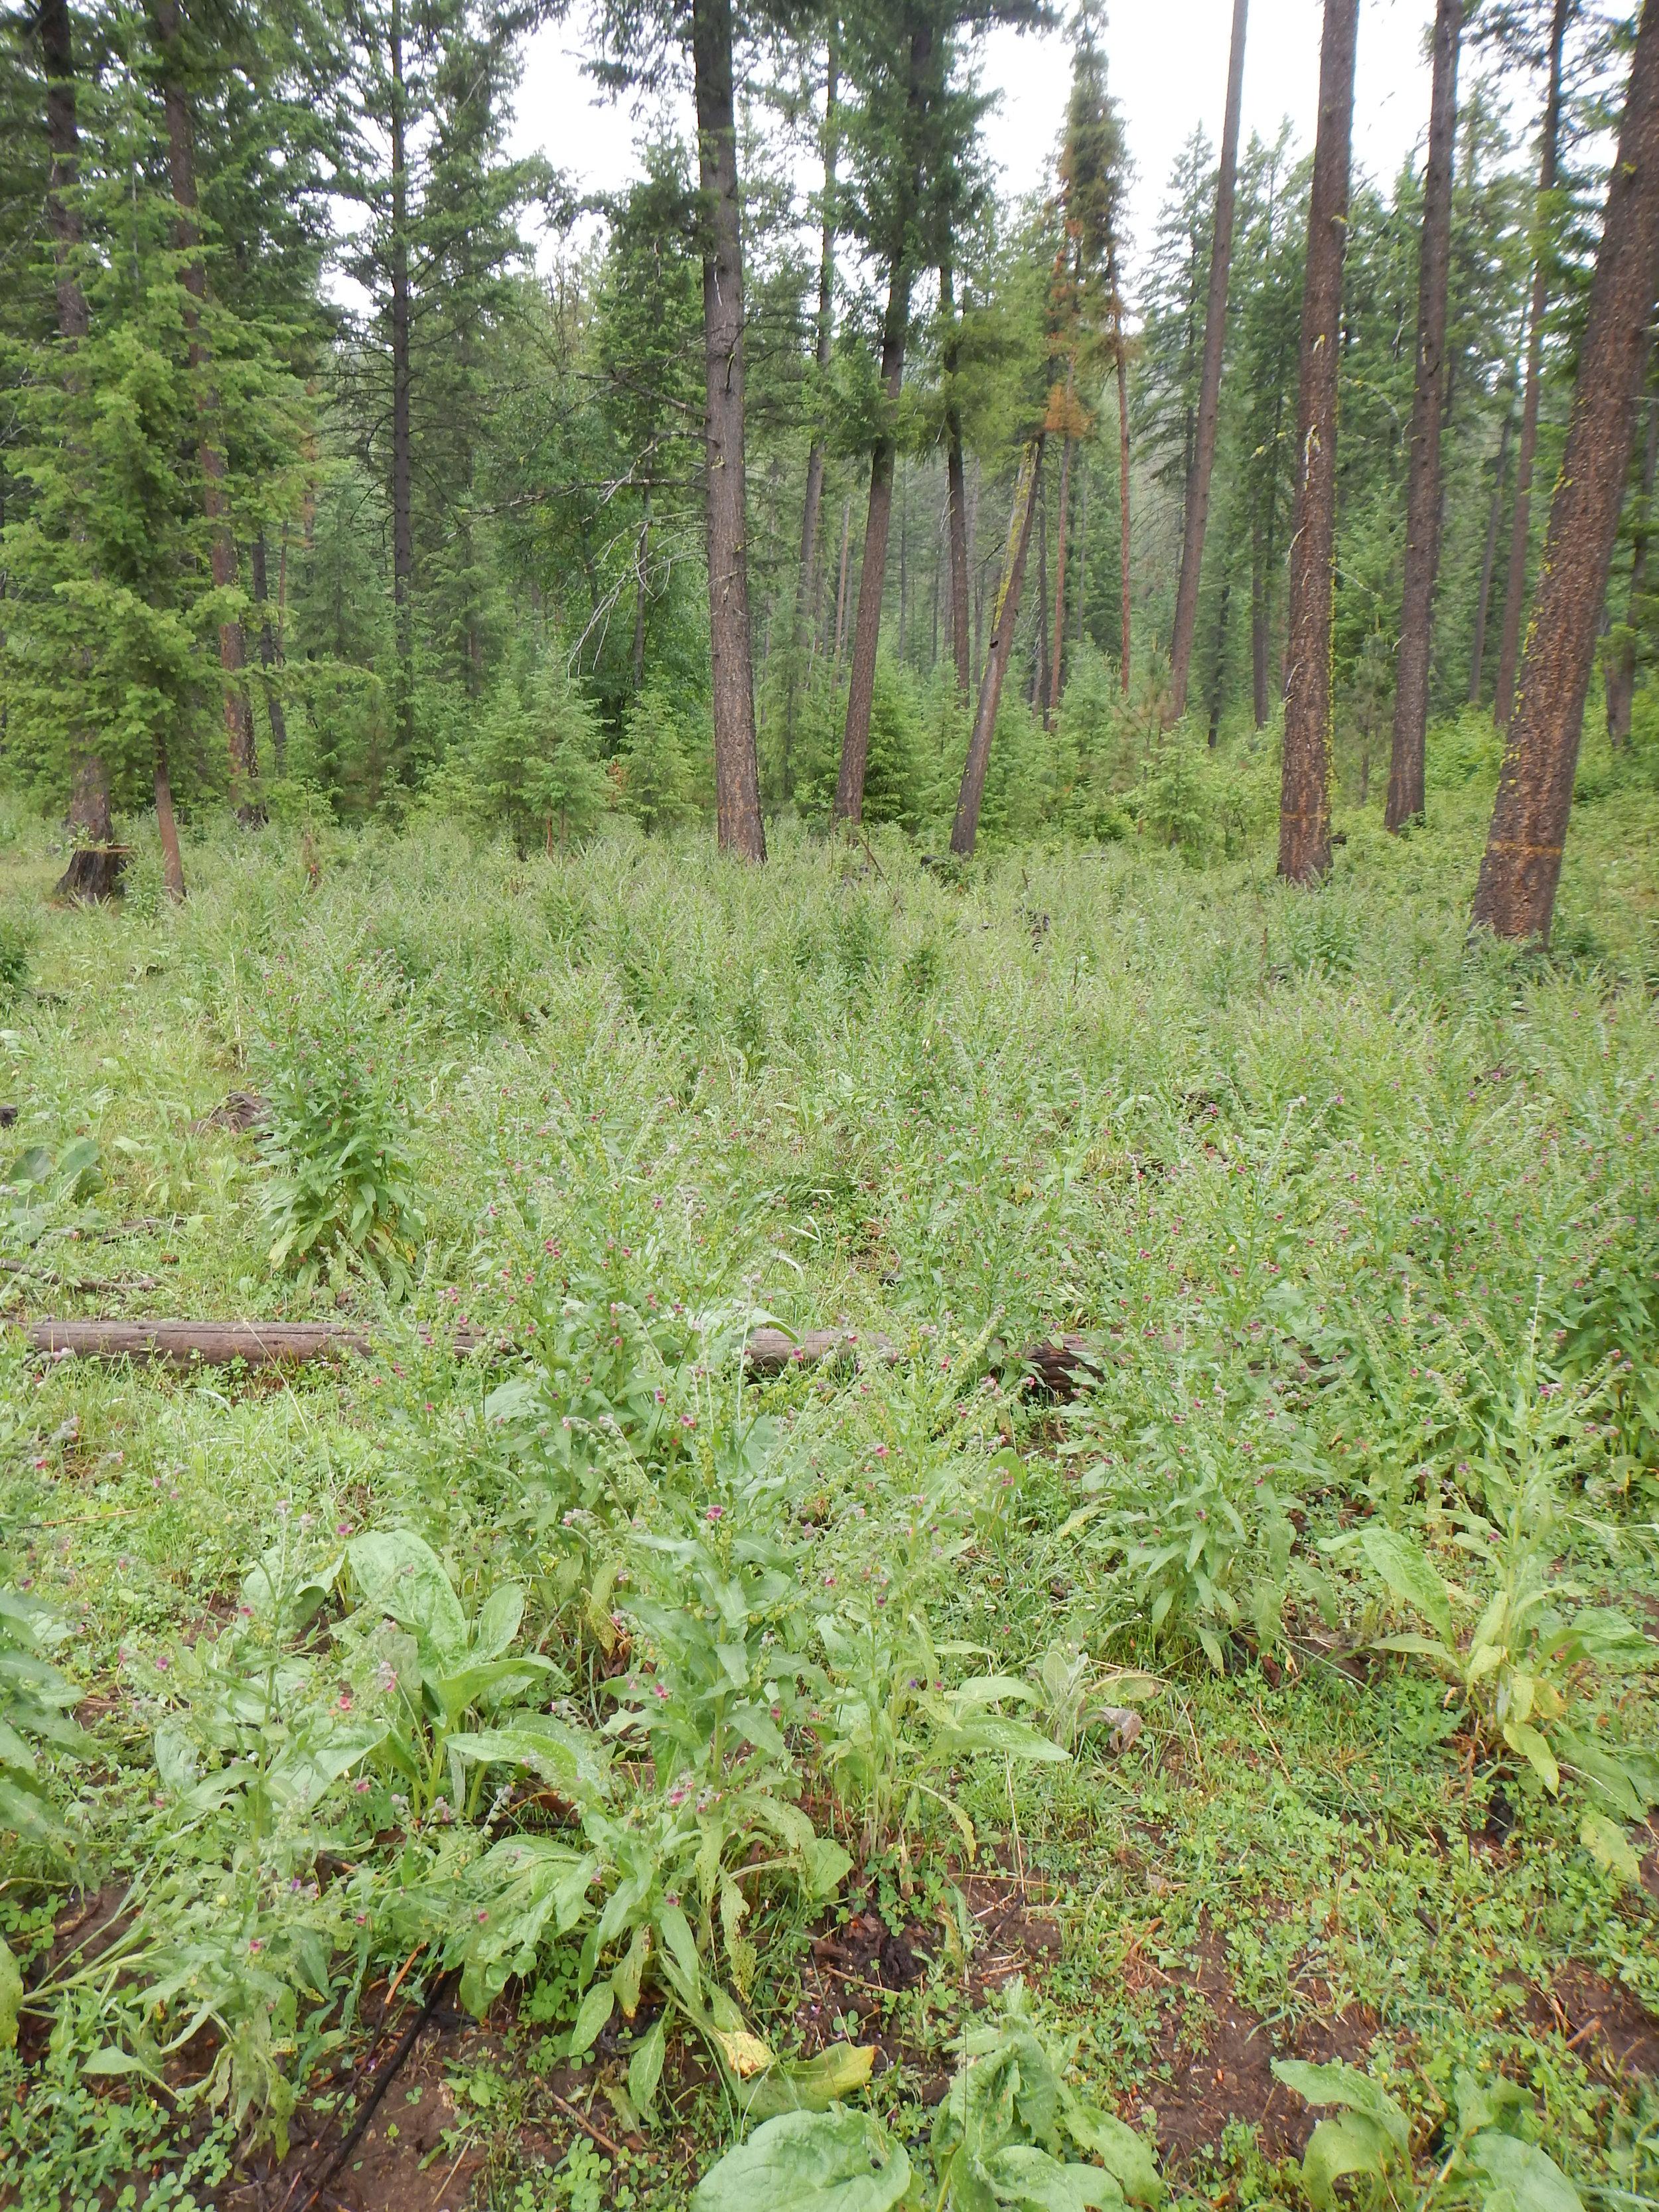 Large infestation of houndstounge